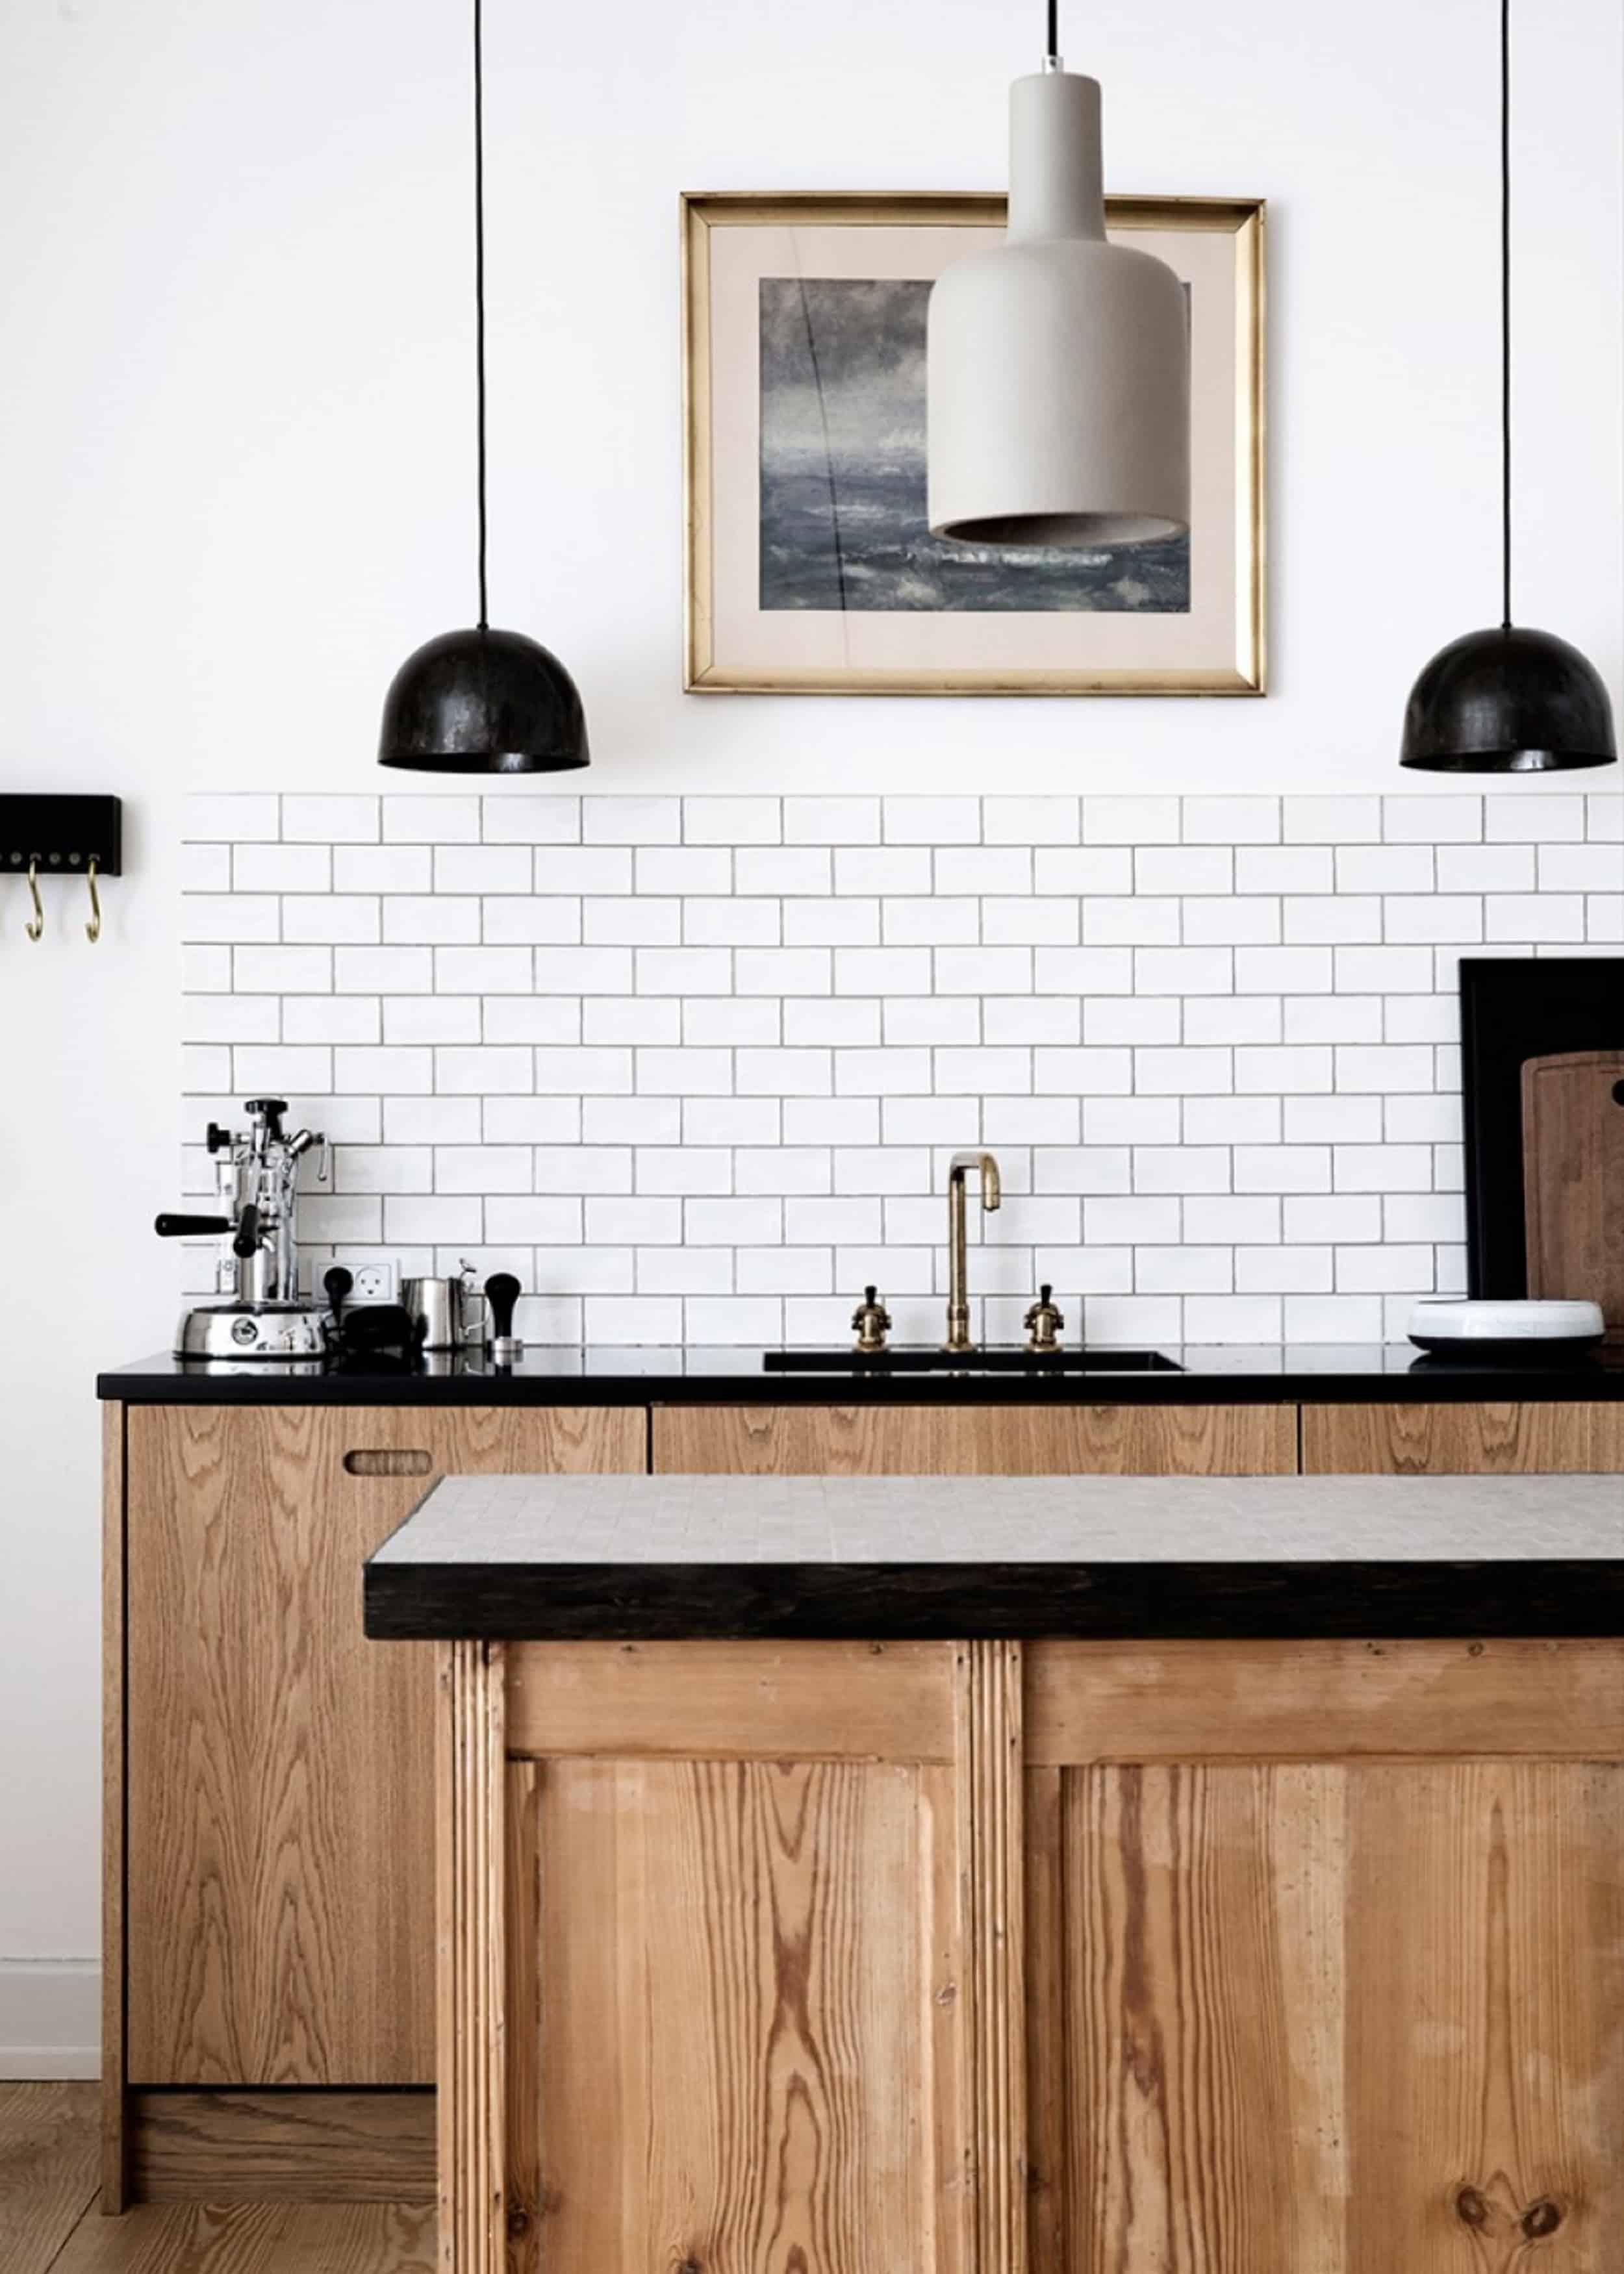 Wunderbar Küche Klein Kbenhavns Mbelsnedkeri Dnische Kchen Zum